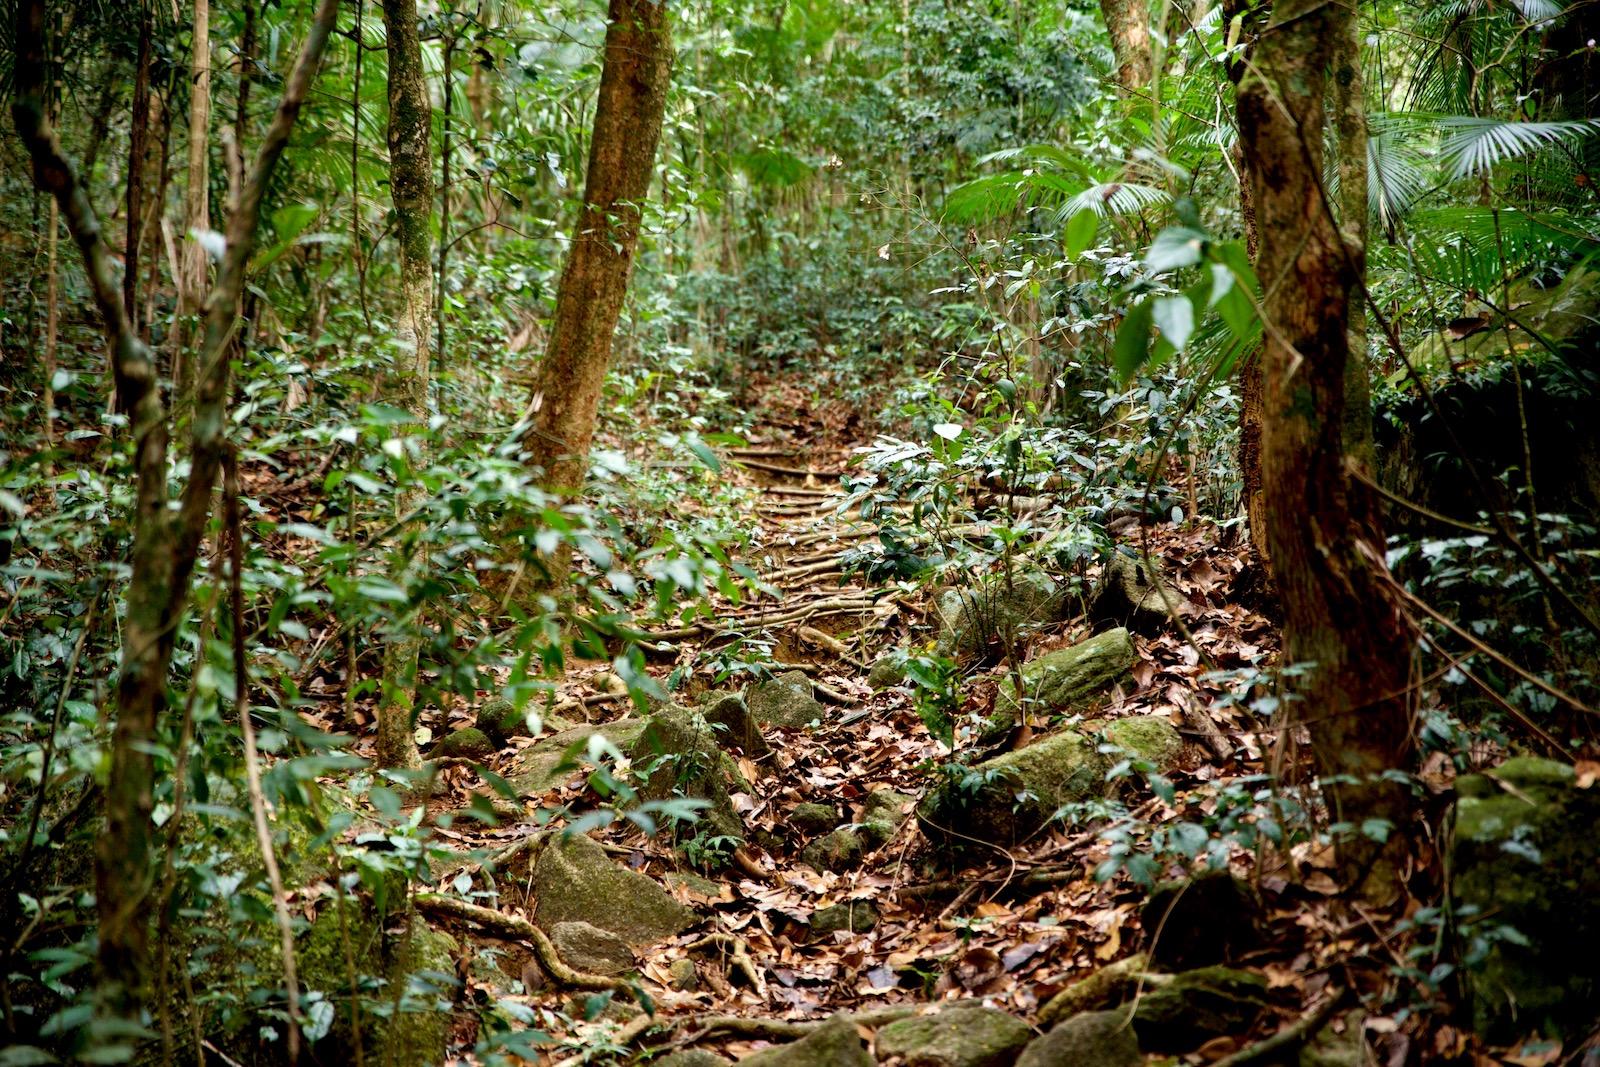 Jungletrek Ilha Grande